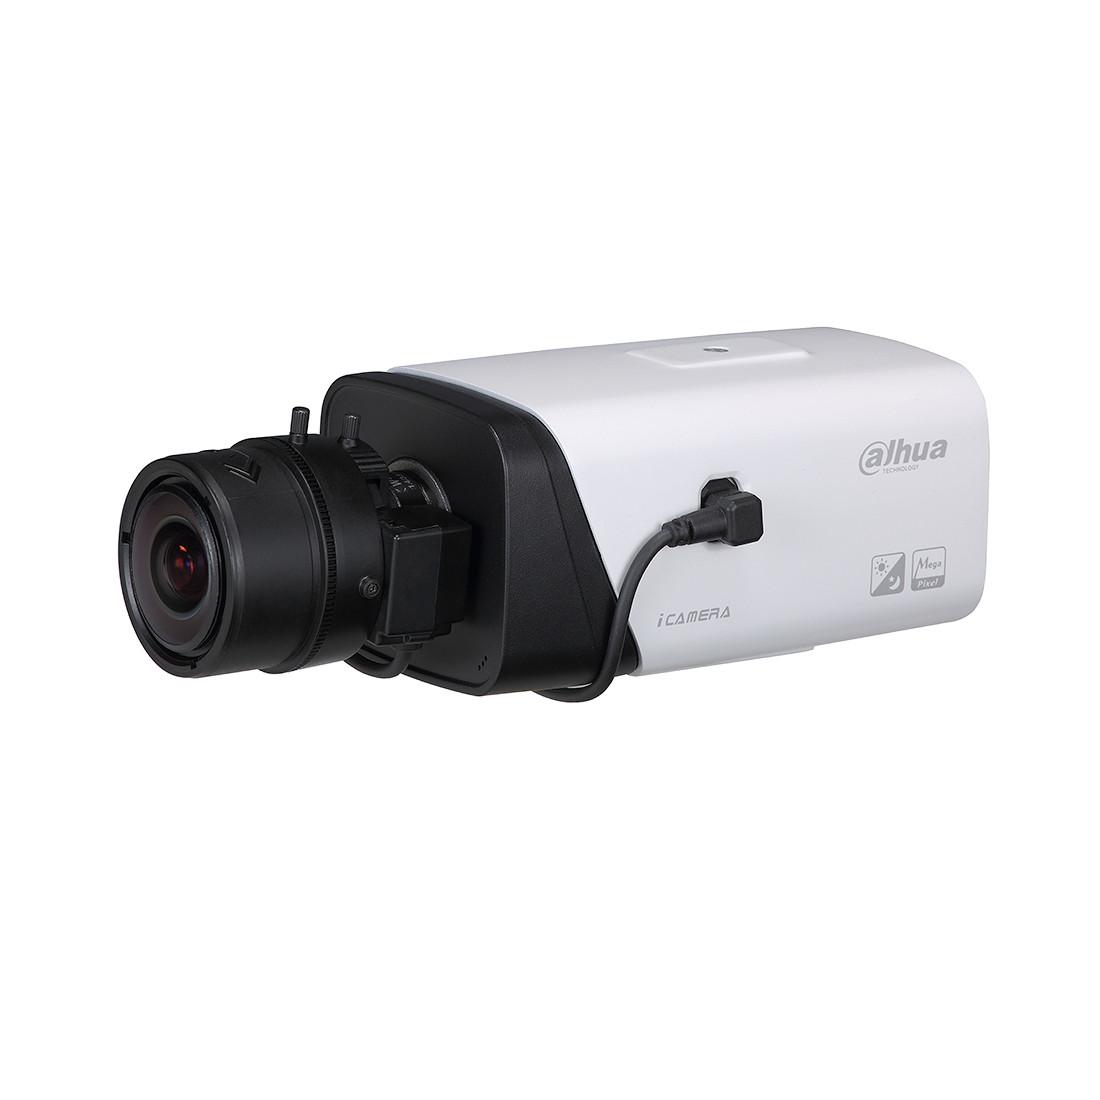 Классическая видеокамера Dahua DH-IPC-HF5231EP-E